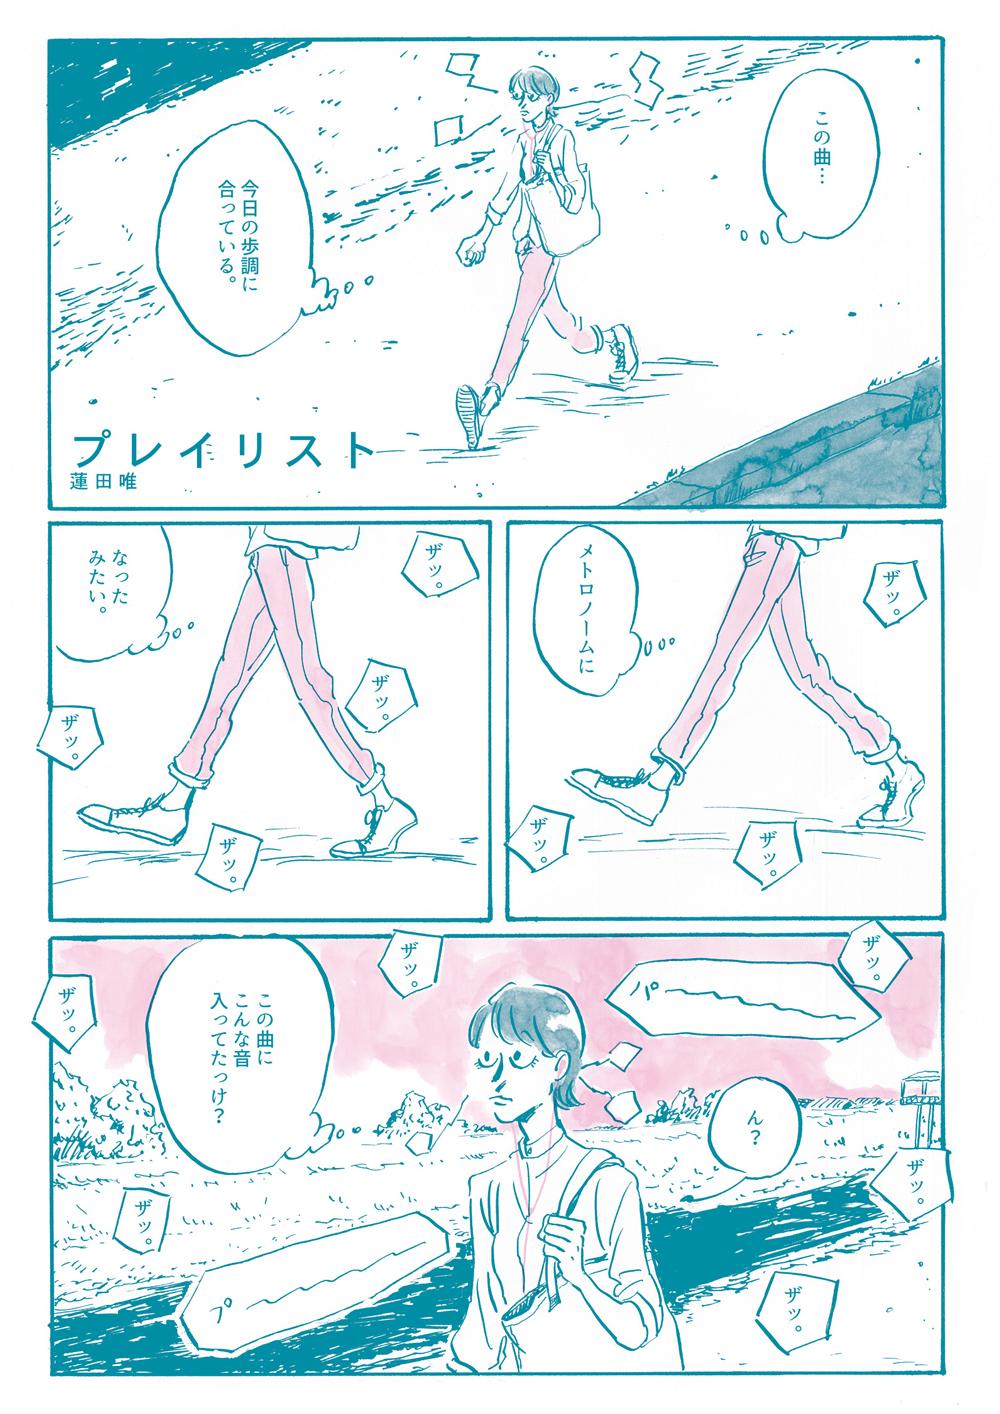 hasuda-yui-009-1